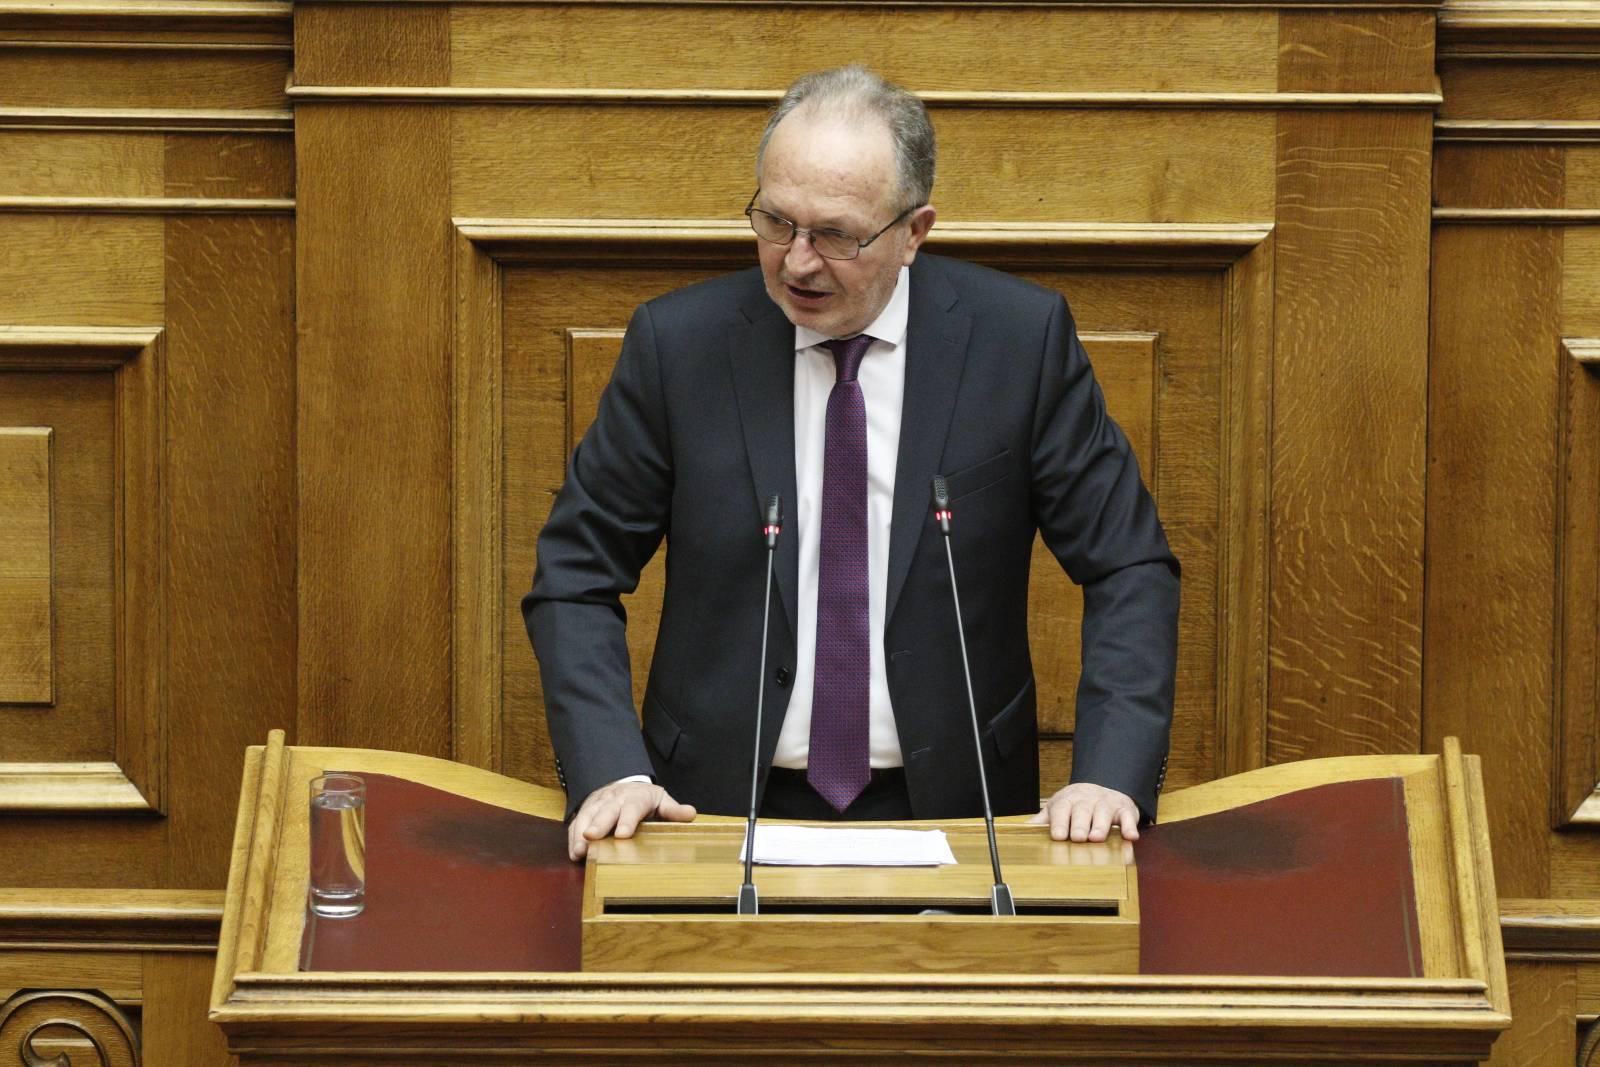 Ομιλία του Βουλευτή κ. Αθ. Λιούπη στην Ολομέλεια της Βουλής για το ν/σ του Υπουργείου Εξωτερικών σχετικά με το Συμβούλιο Απόδημου Ελληνισμού